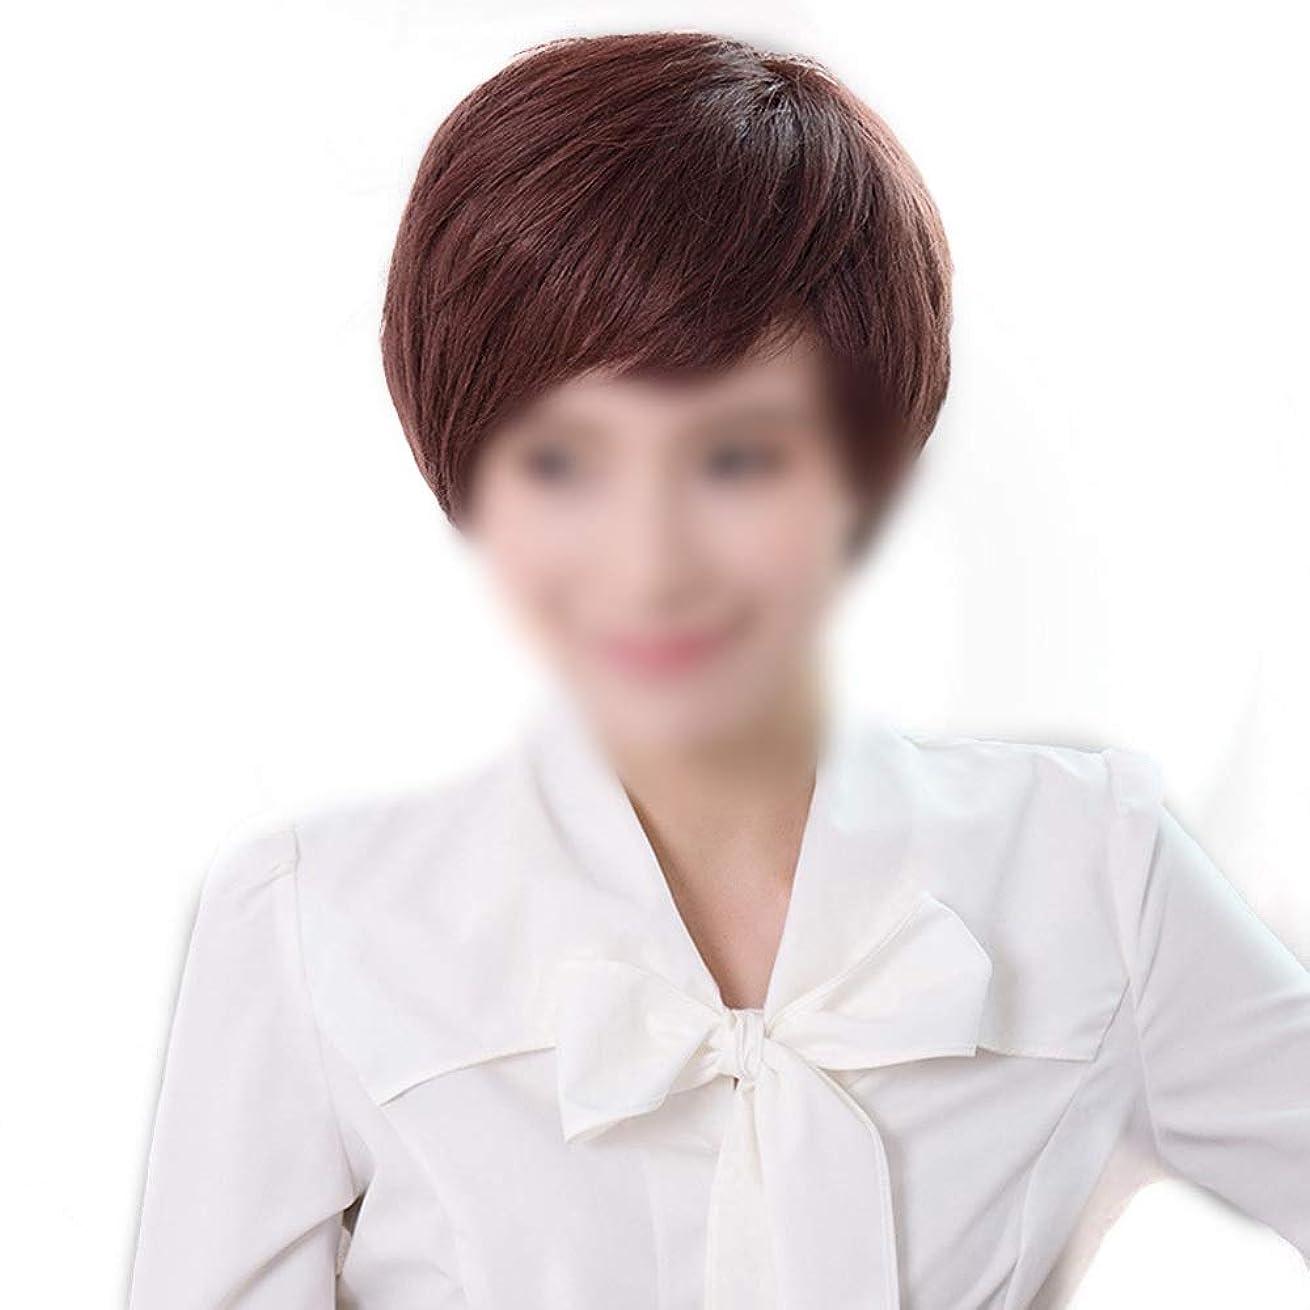 魔術メジャーベッドを作るYESONEEP リアルヘア編み耳ショートカーリーヘアふわふわナチュラルファッションウィッグ女性用デイリードレスパーティーウィッグ (Color : Natural black, サイズ : Mechanism)